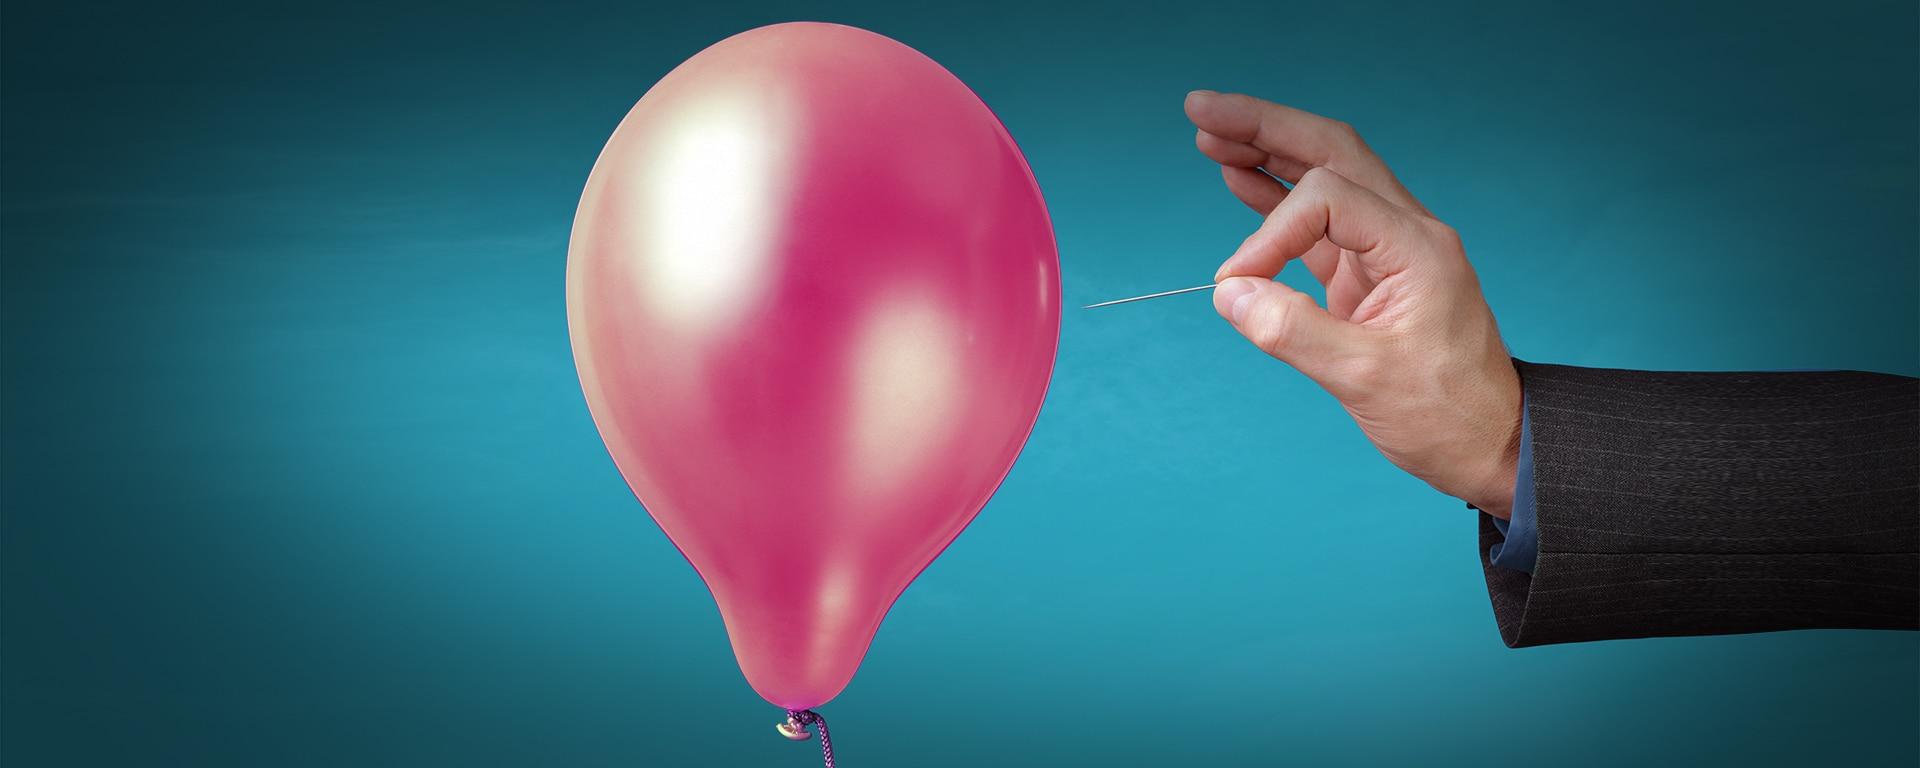 2019 business strategy blog - balloon pop